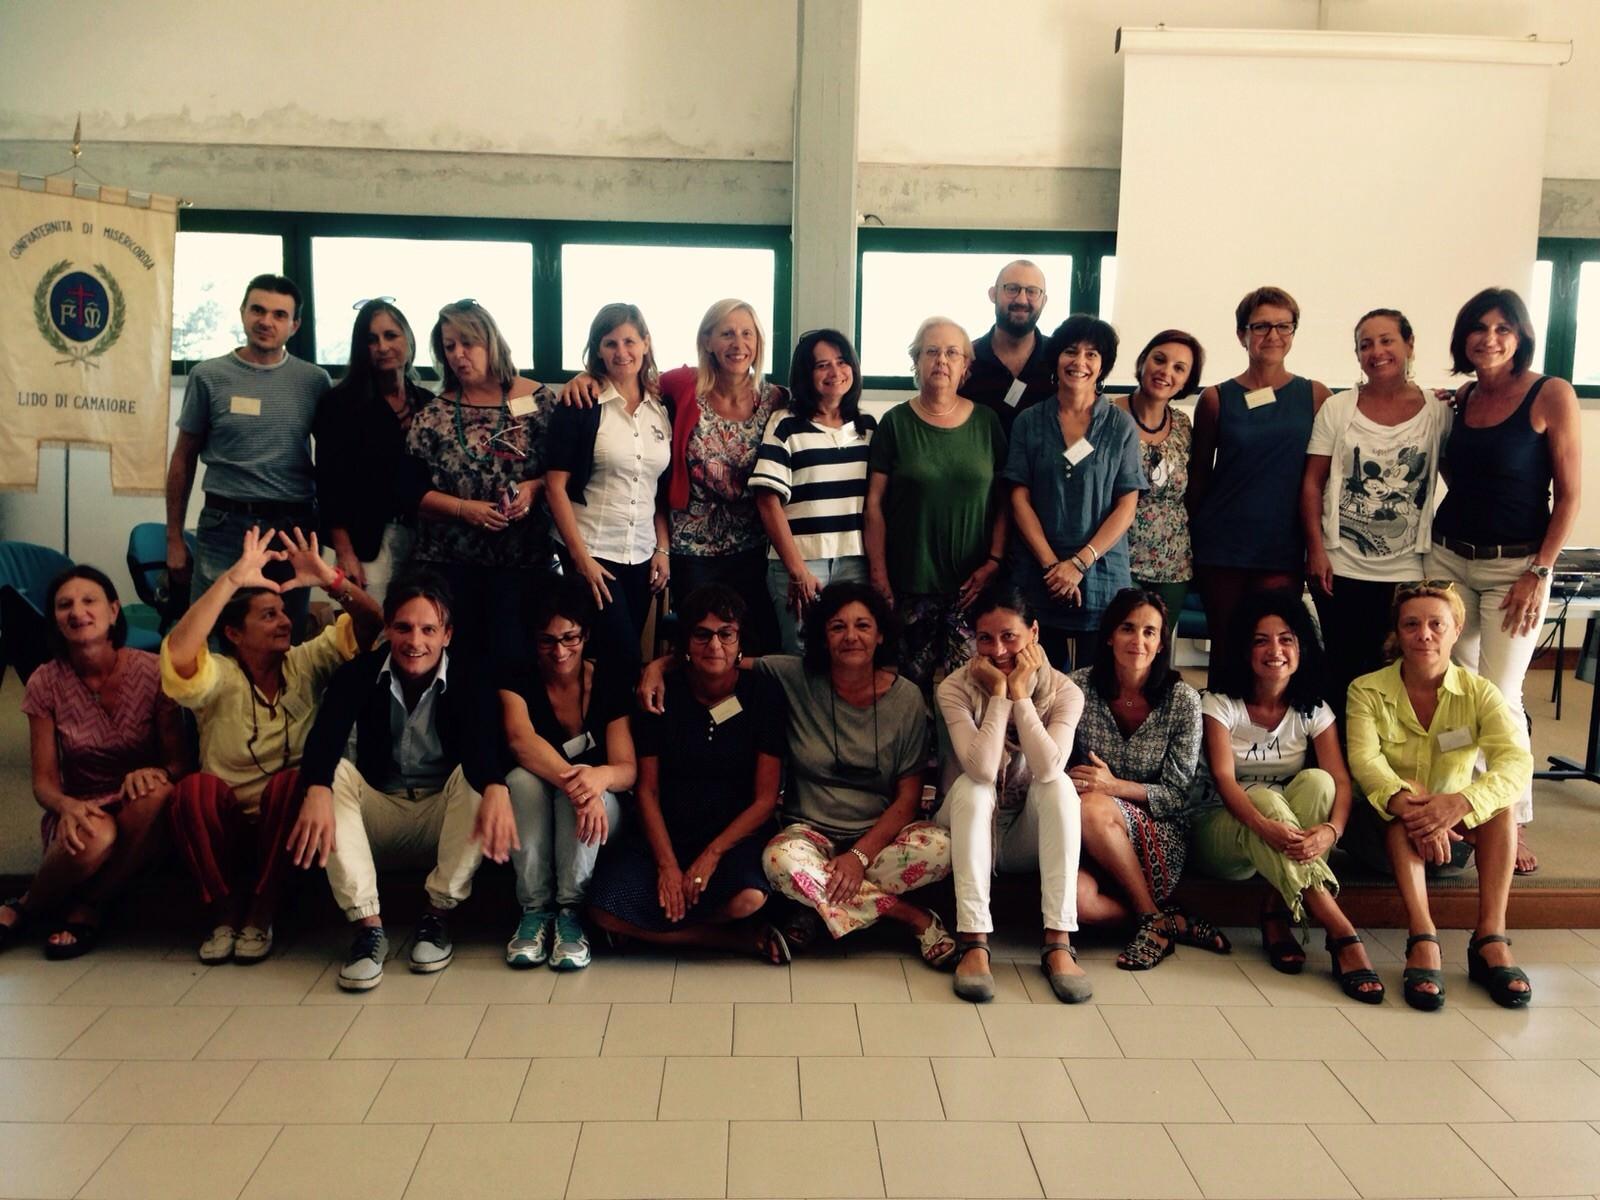 La Asl12 aderisce al programma europeo Unplugged contro fumo, alcol e droghe nelle scuole